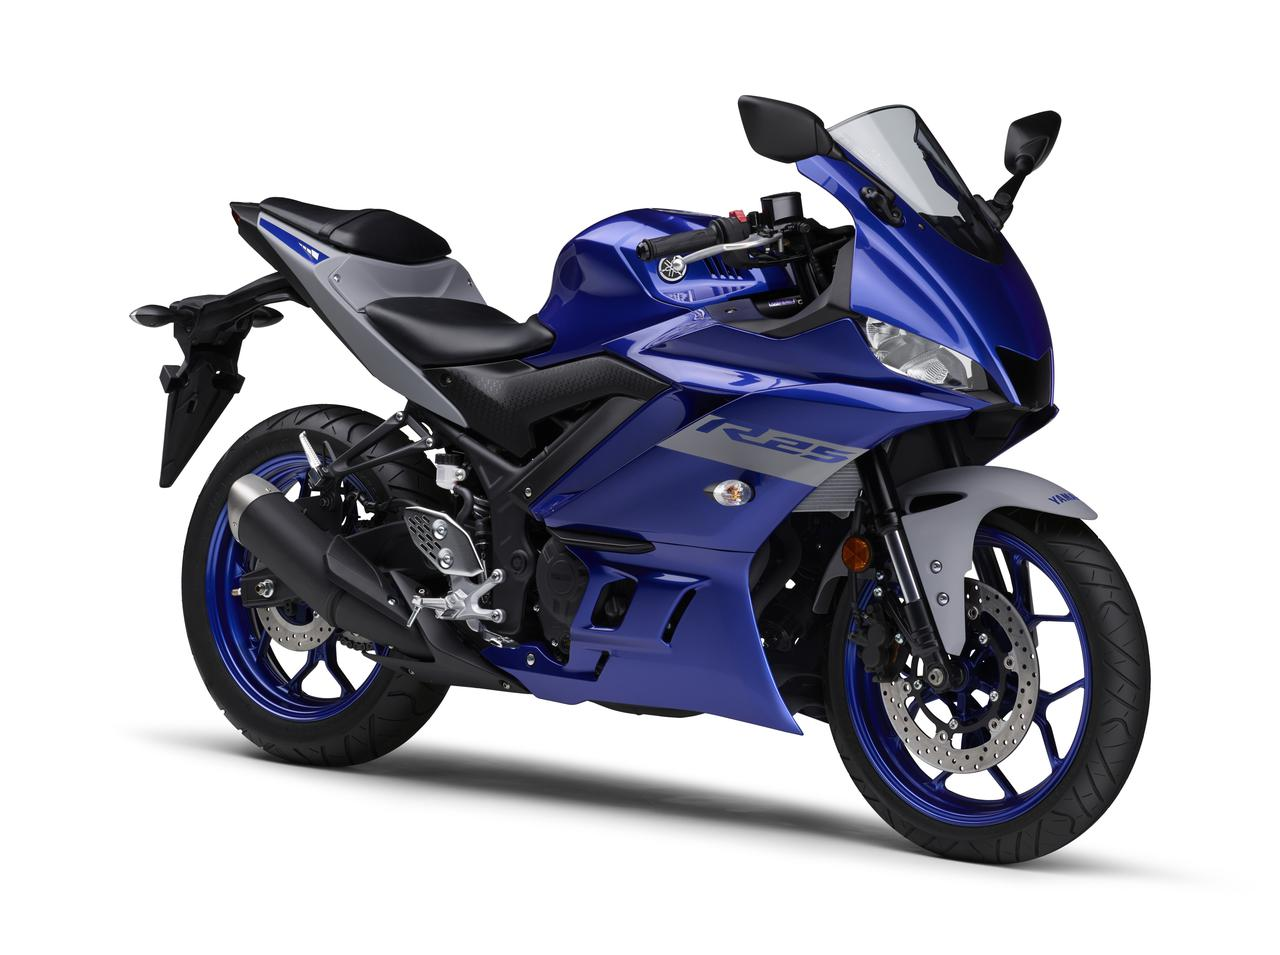 画像39: ヤマハ「YZF-R25/ABS」「YZF-R3 ABS」の2020年モデルが2月14日(金)発売! 3色展開で、すべてニューカラー!